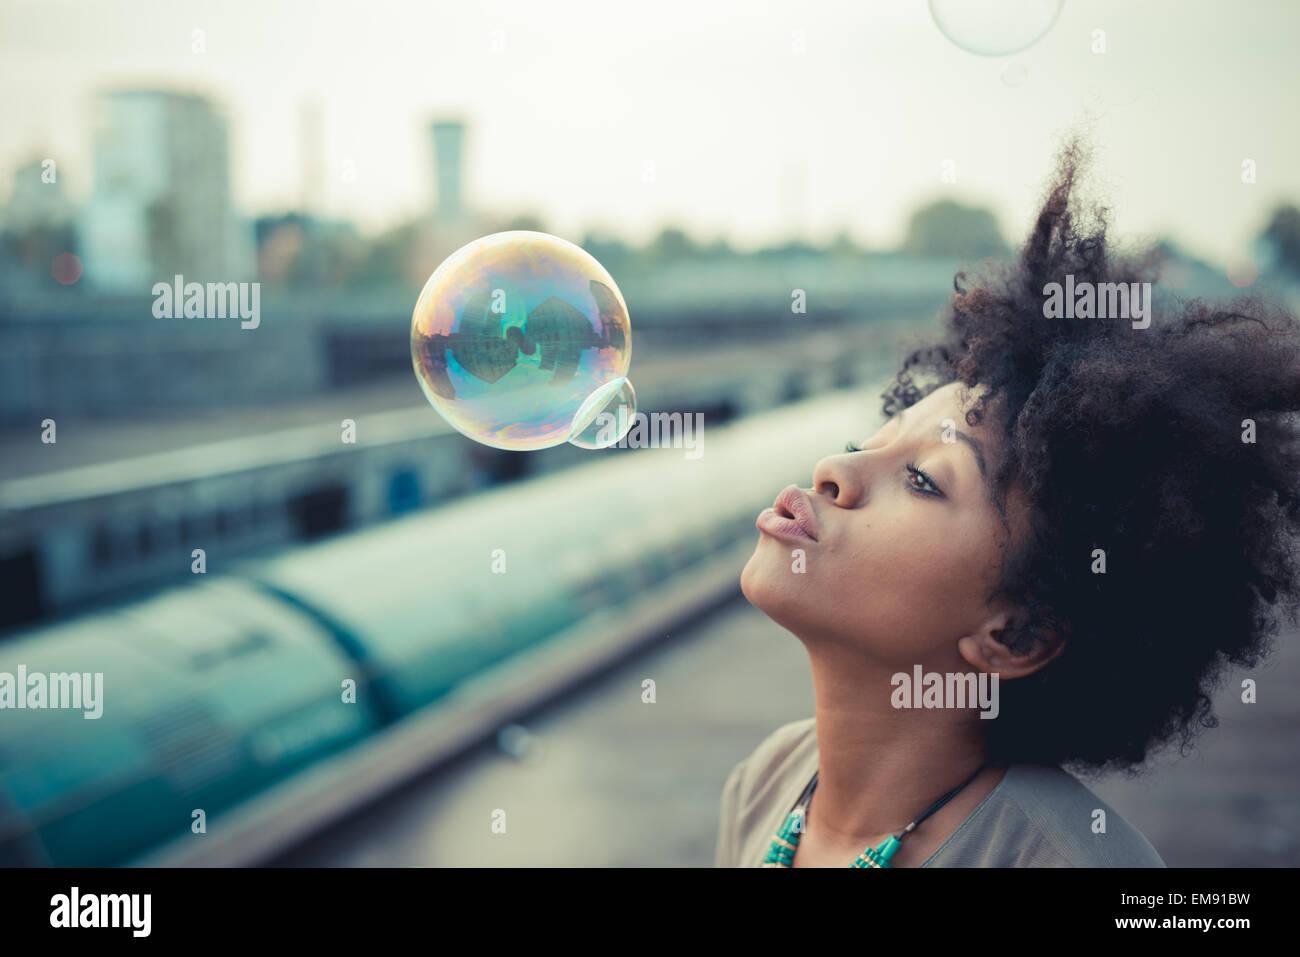 Jeune femme faisant des bulles dans la zone industrielle de la ville Photo Stock